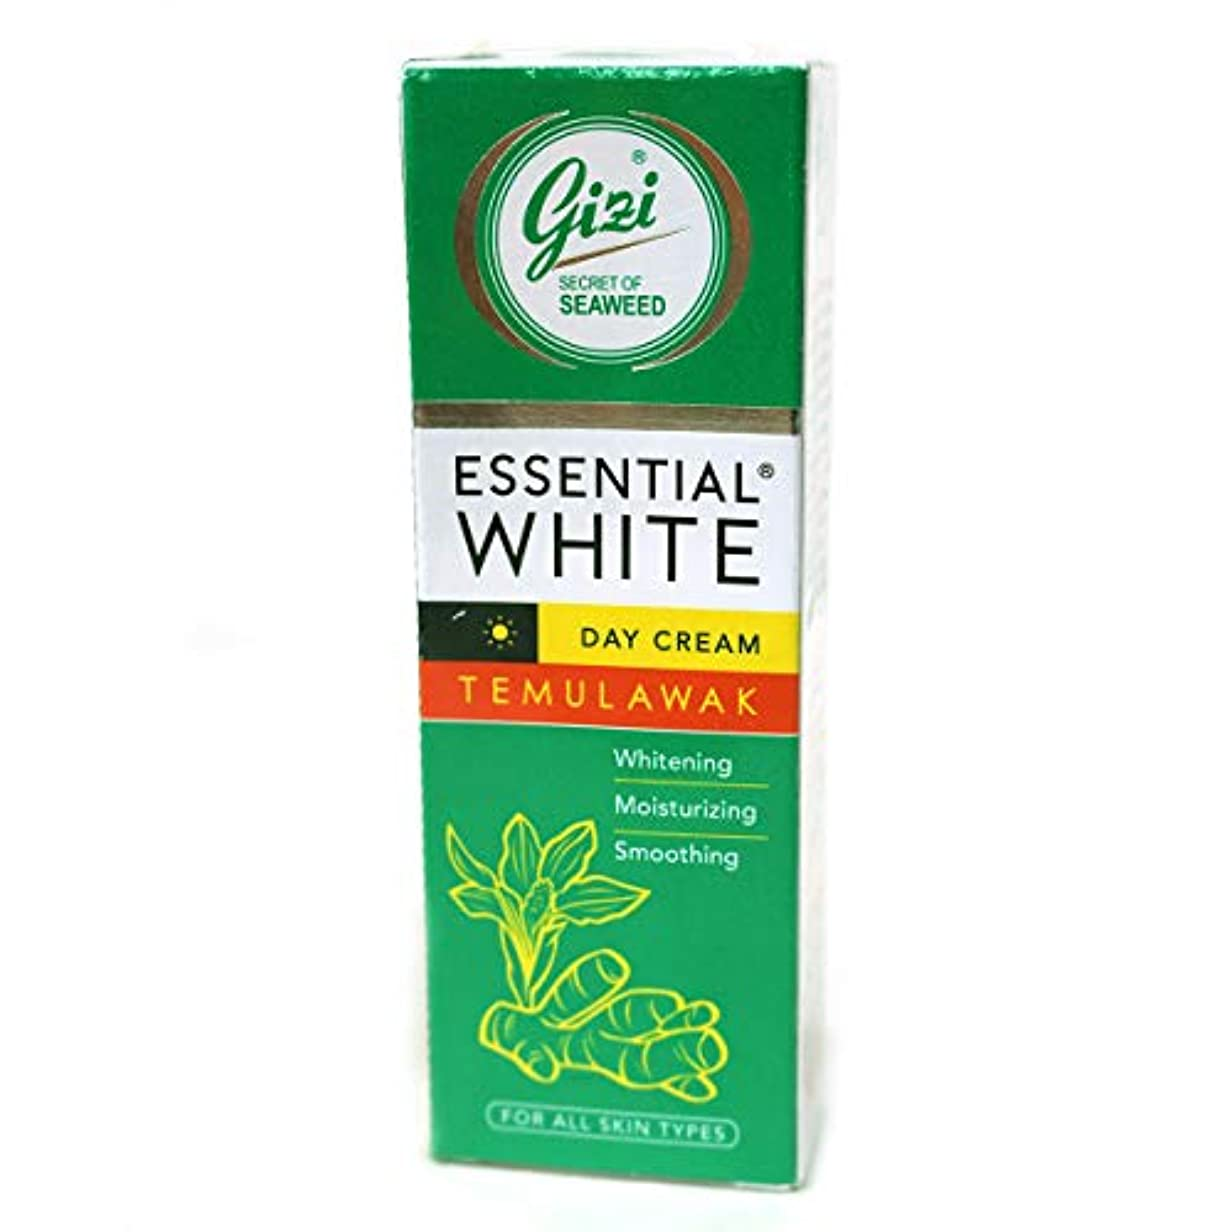 ネクタイアンカー原告ギジ gizi Essential White 日中用スキンケアクリーム チューブタイプ 18g テムラワク ウコン など天然成分配合 [海外直送品]